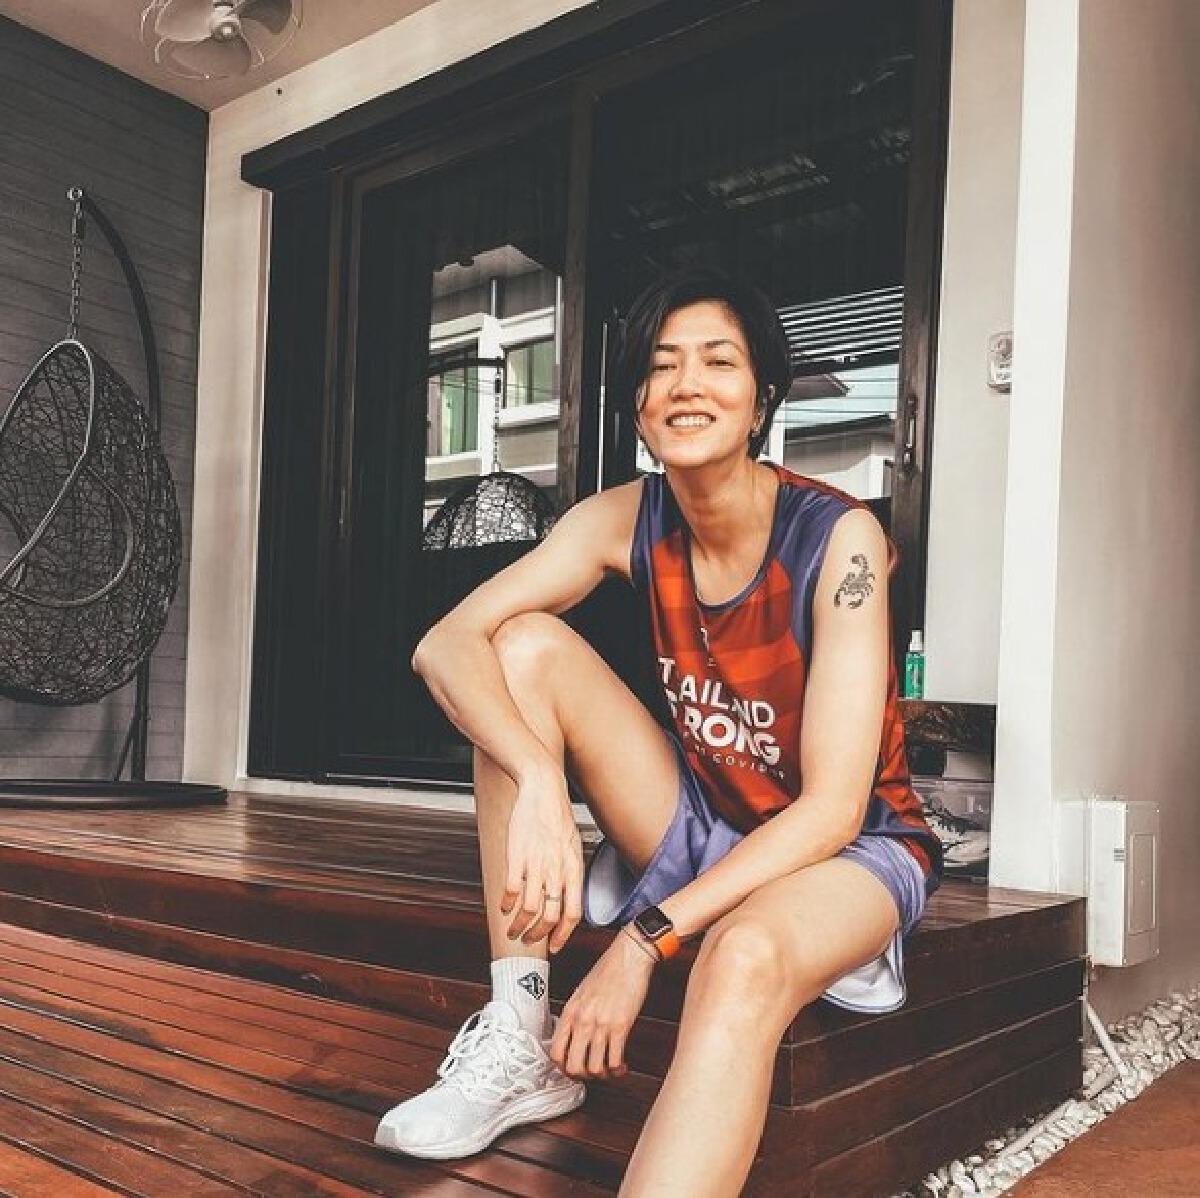 เปิดบ้าน หน่อง ปลื้มจิตร์ นักตบลูกยางสาว หลังอำลาทีมชาติไทย